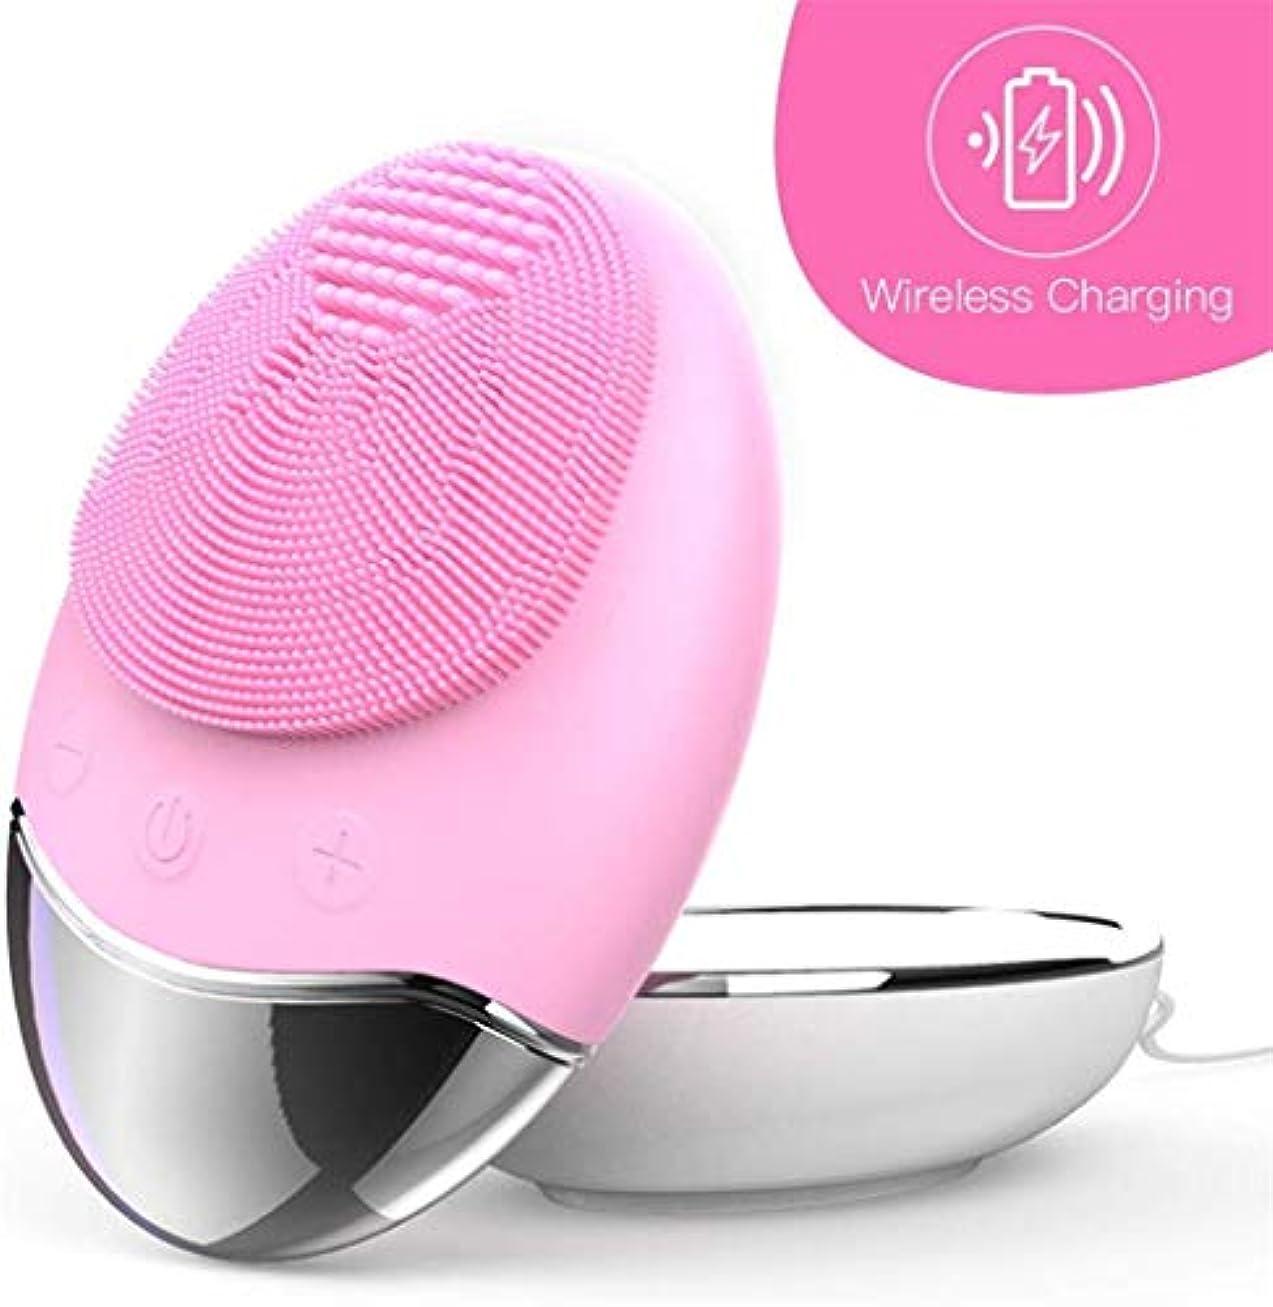 カテゴリー不十分節約オールスキンタイプの充電式用シリコーン洗顔ブラシ、ブラシシリコーンエクスフォリエイティングフェイススクラブブラシマッサージャー3-IN-1エレクトリックフェイス、